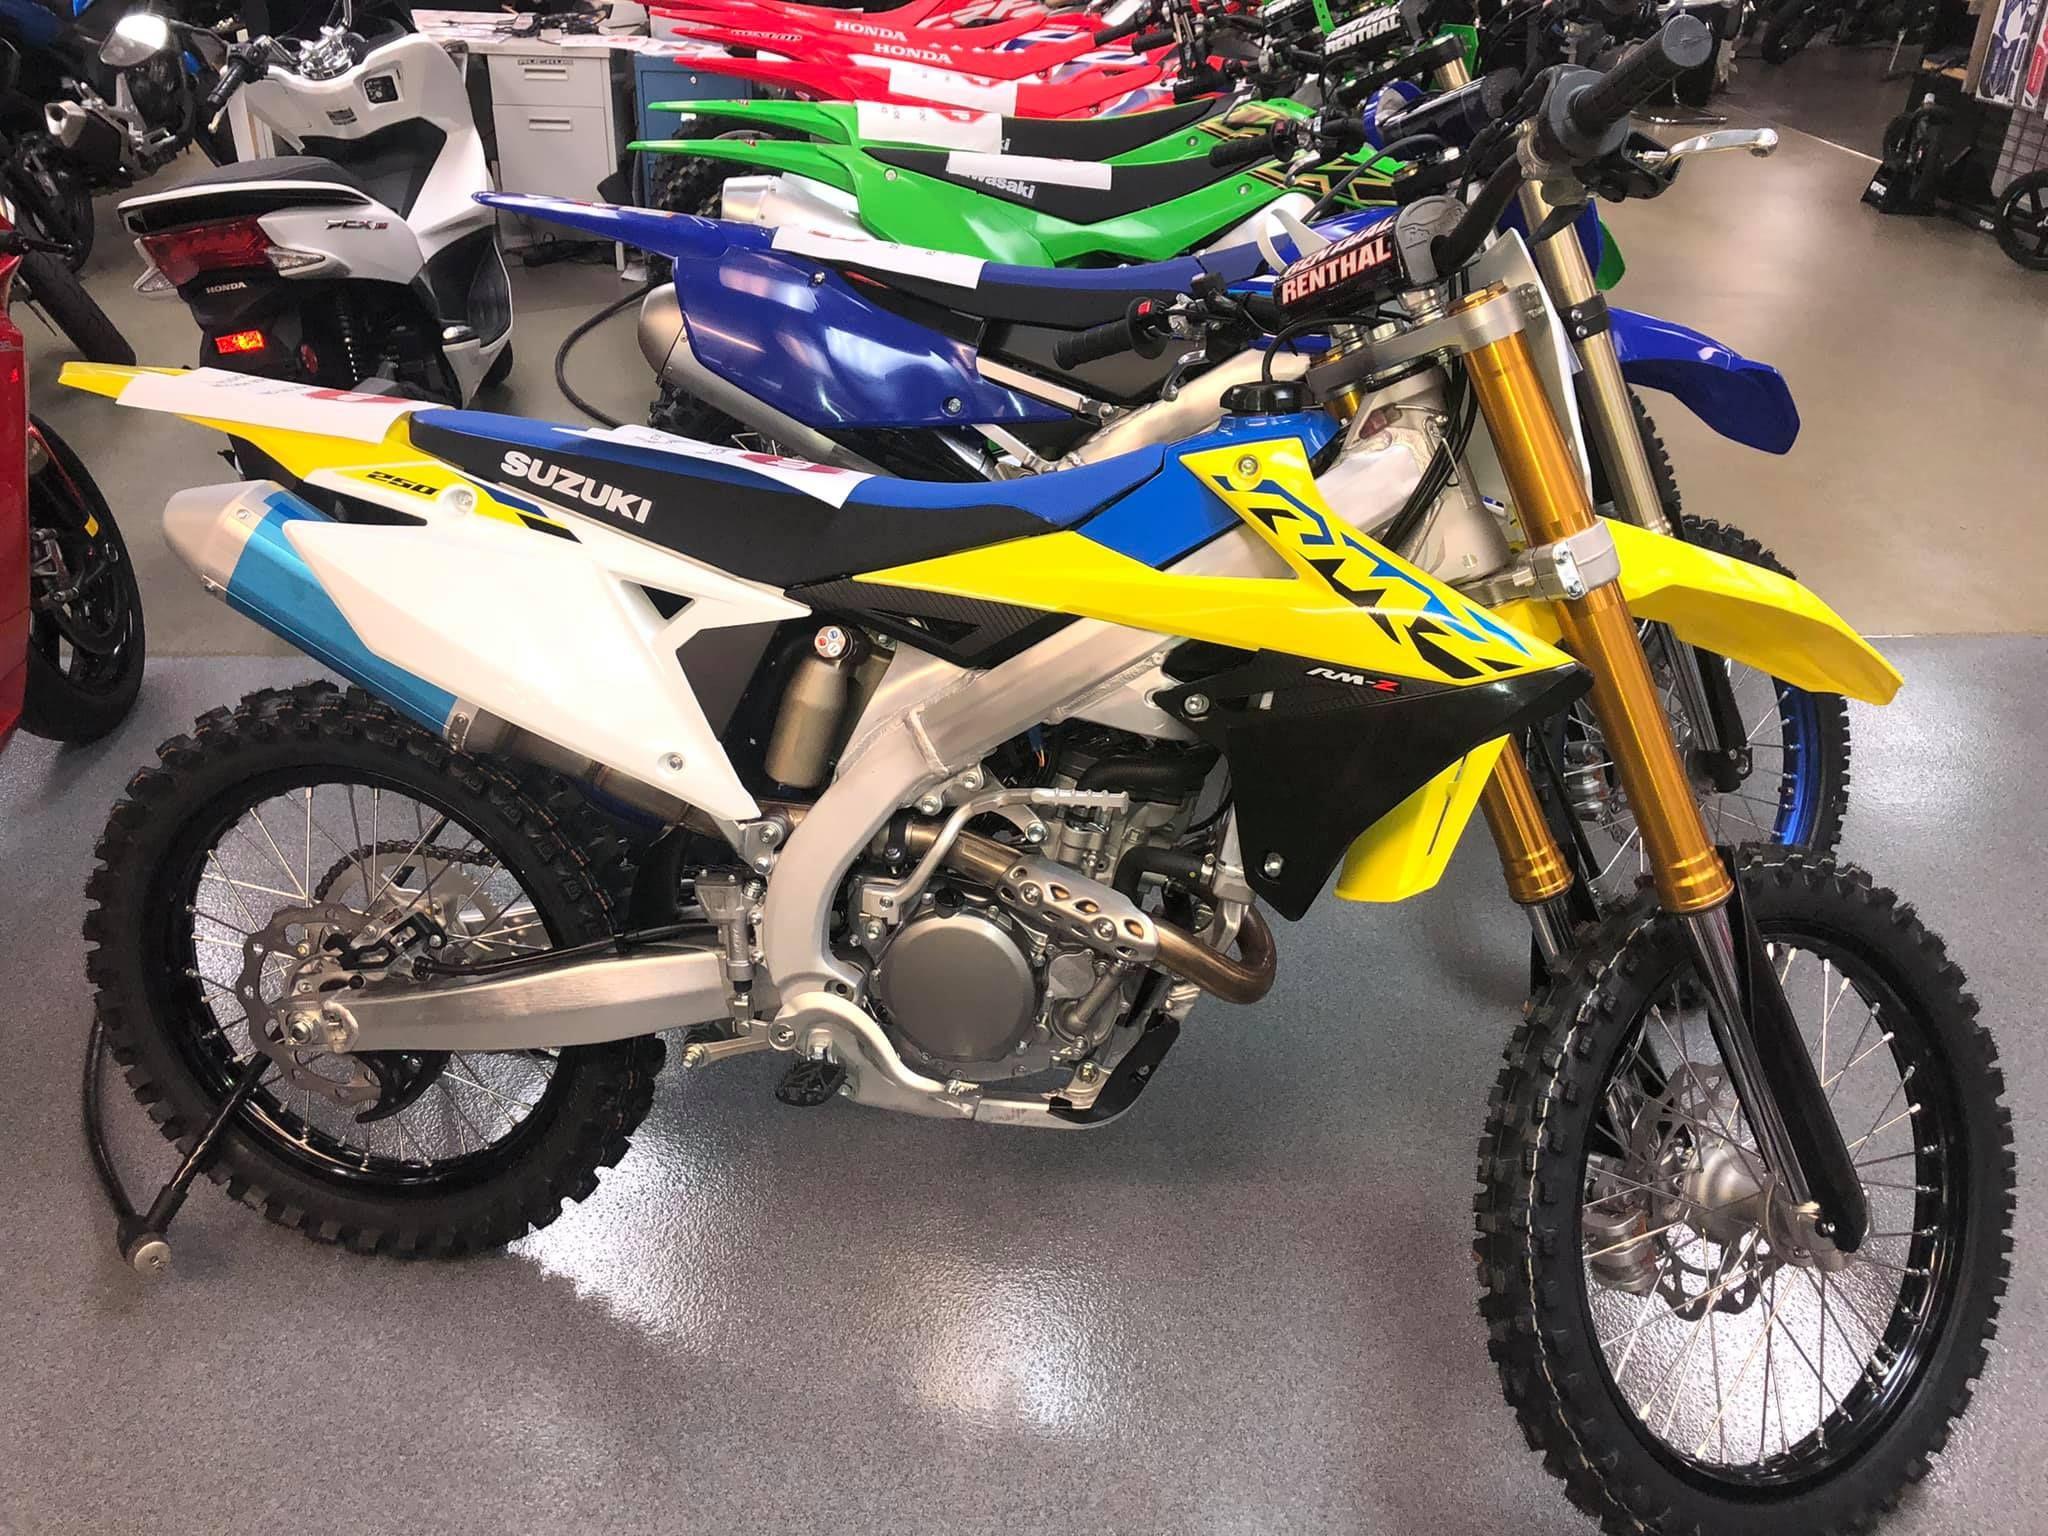 2021 Suzuki Rm Z250 For 7 899 00 In 2021 Suzuki Suzuki Motorcycle Dirtbikes